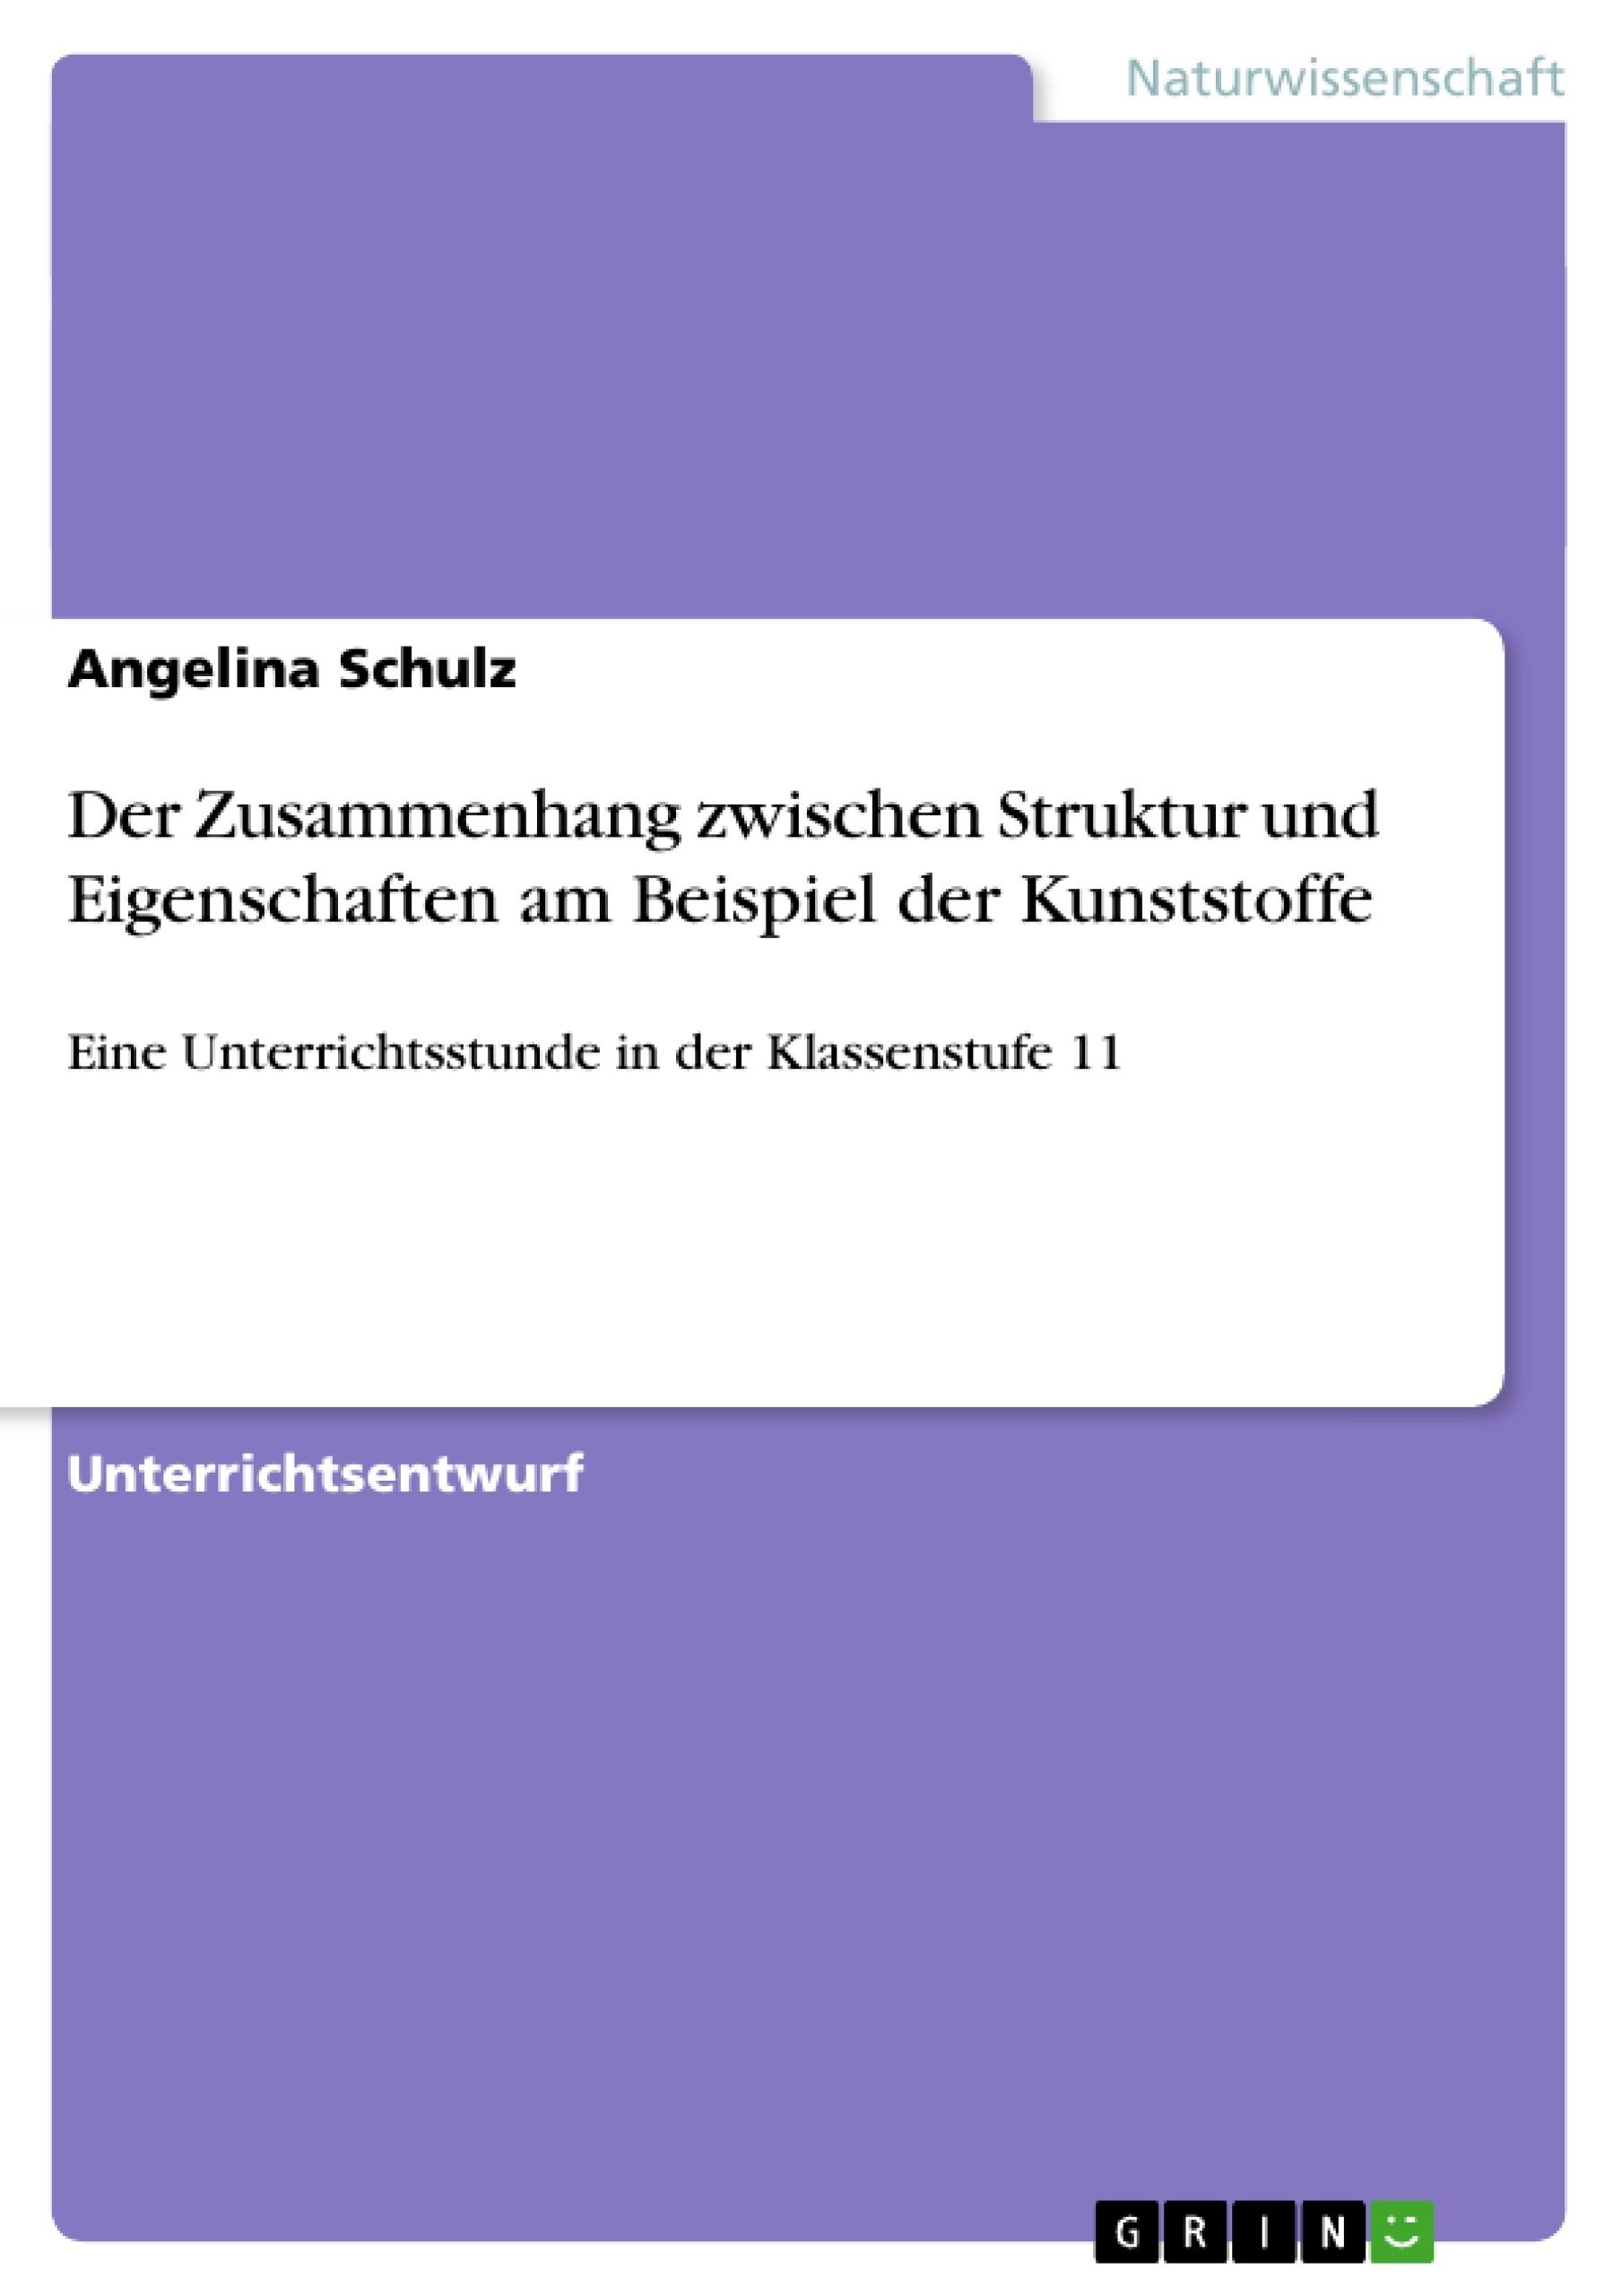 Titel: Der Zusammenhang zwischen Struktur und Eigenschaften am Beispiel der Kunststoffe